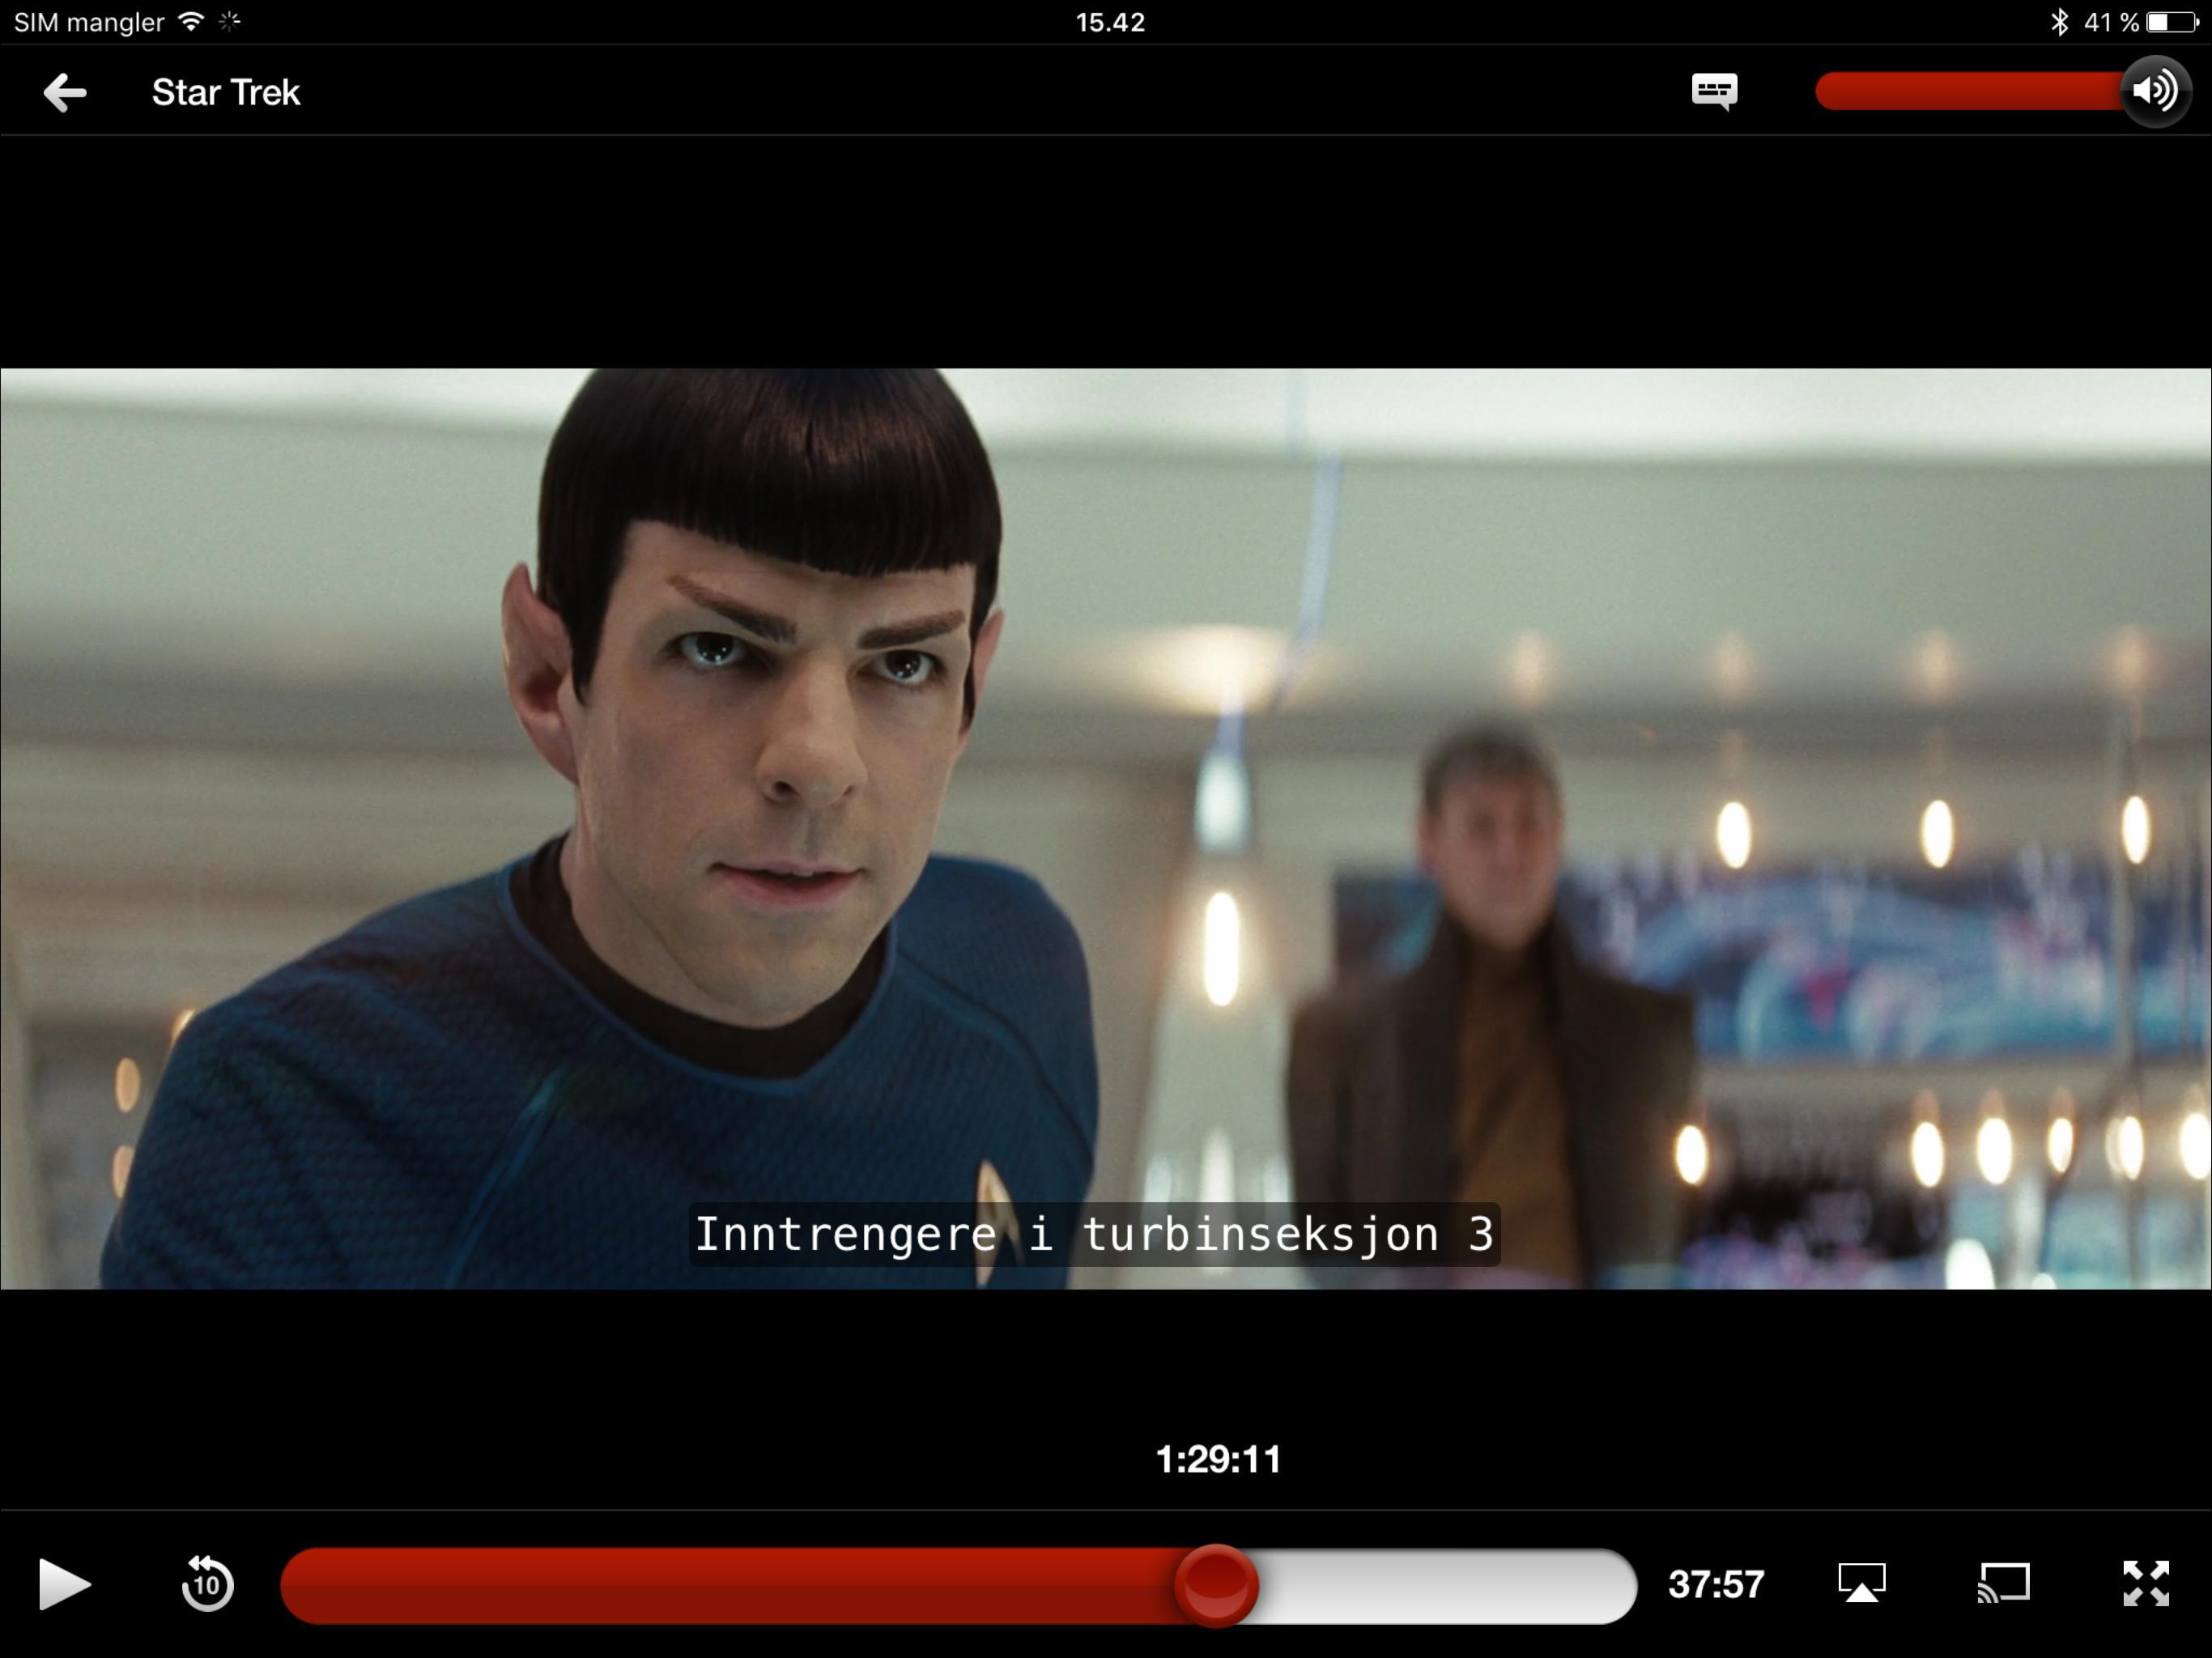 Tenk så mye større Spocks ører kunne blitt om iPad-skjermene ikke var 4:3.